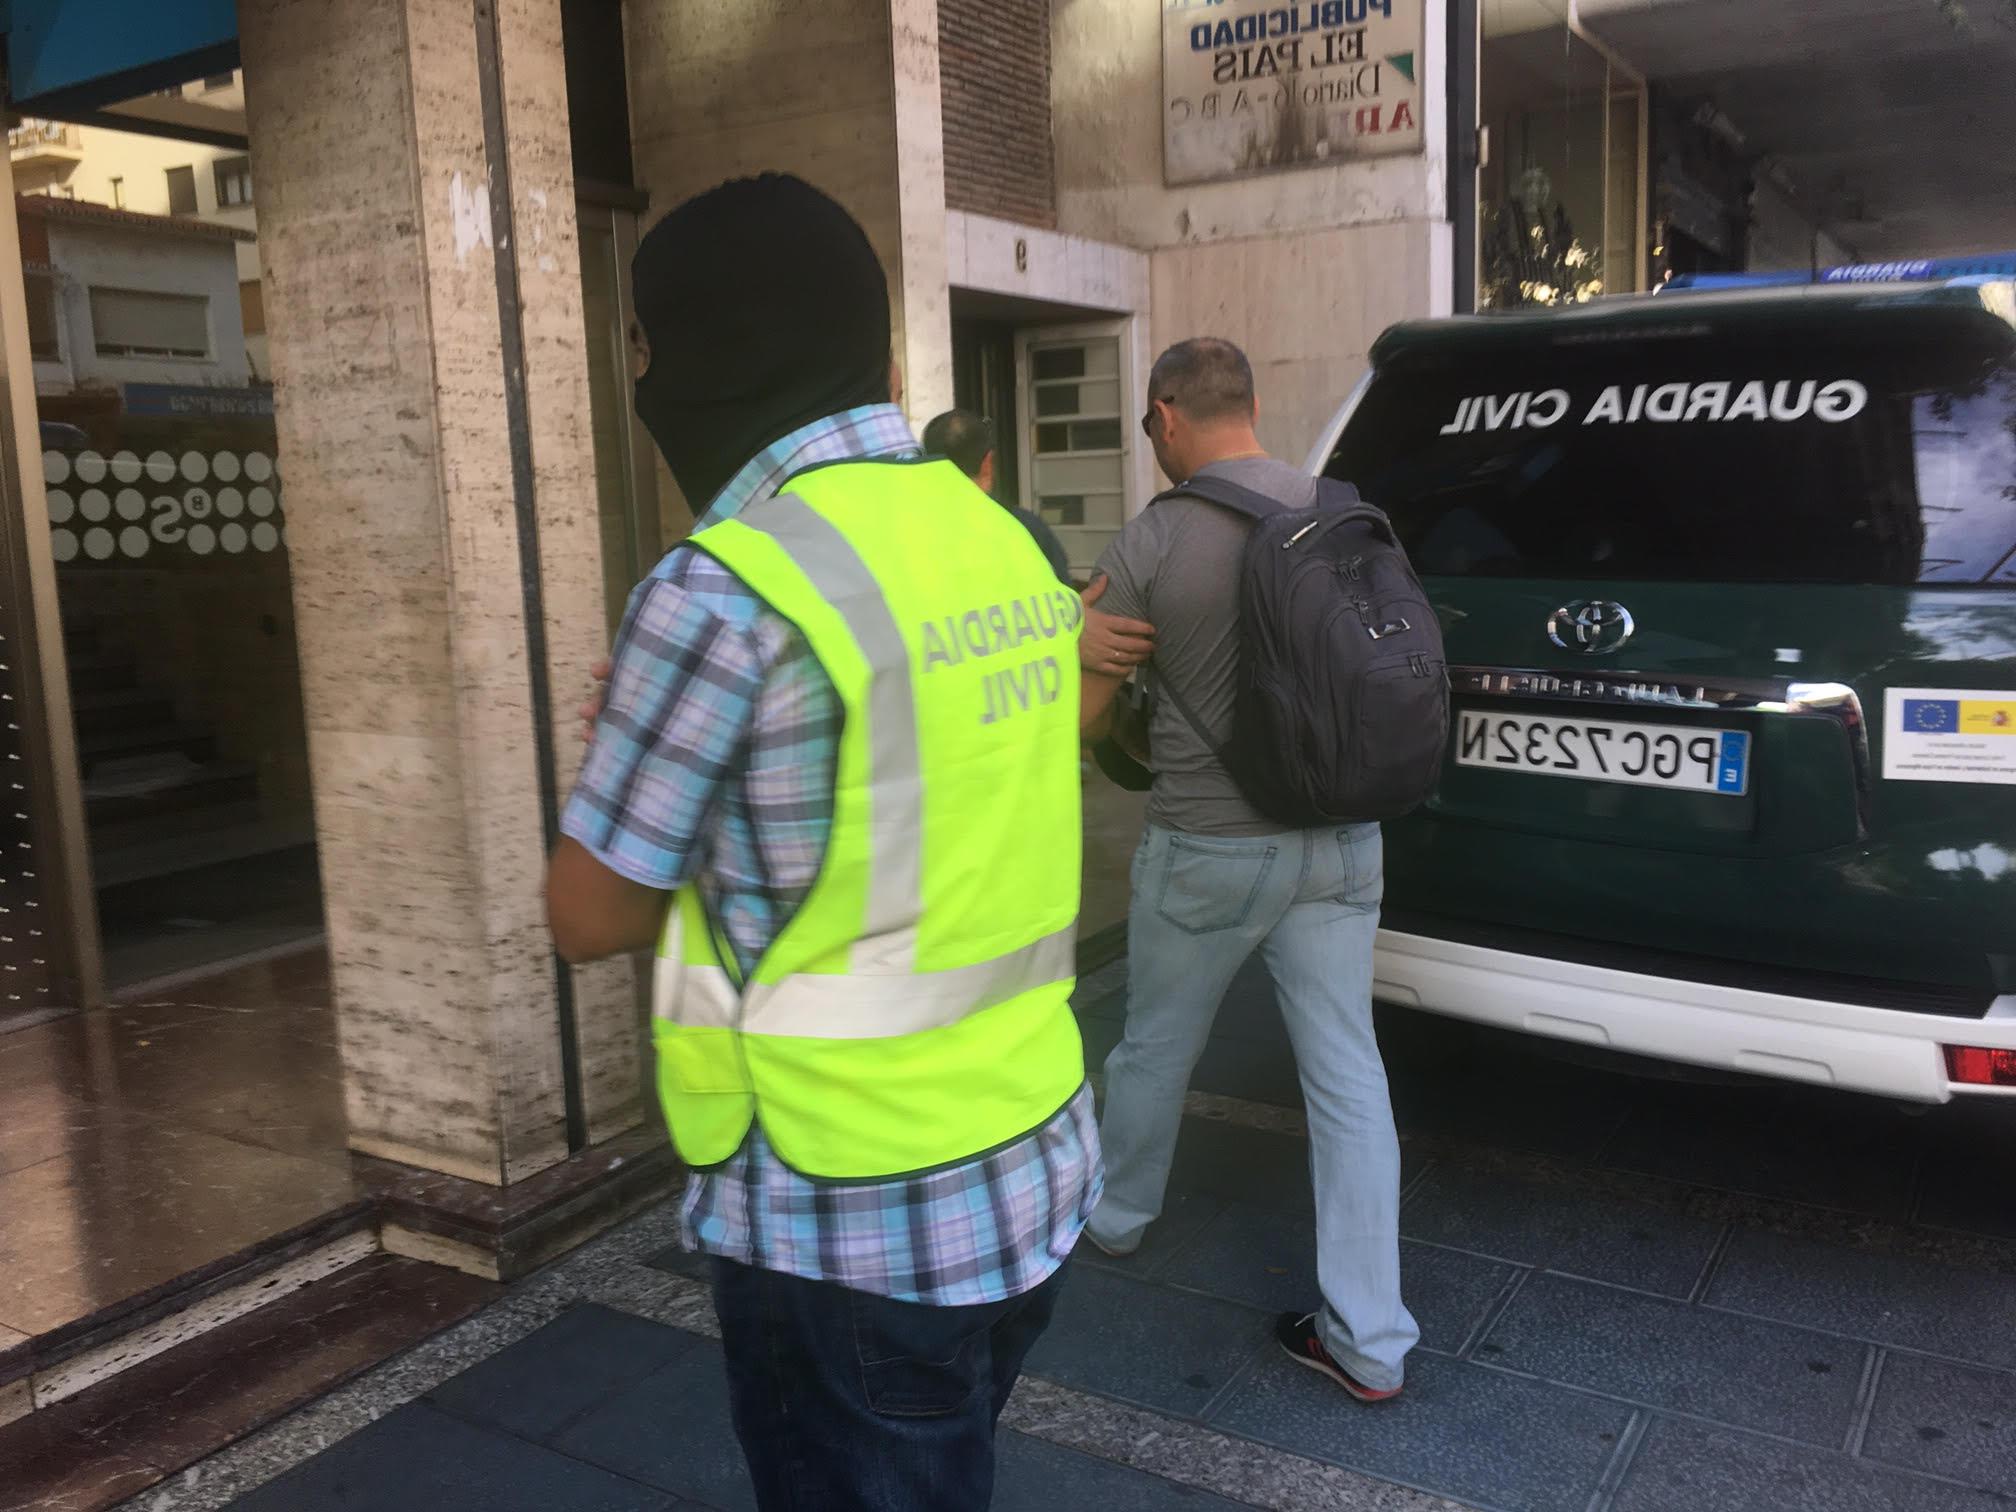 Banco Sabadell Marbella E6d5 Prisià N Para Cuatro Detenidos En La Operacià N Contra El